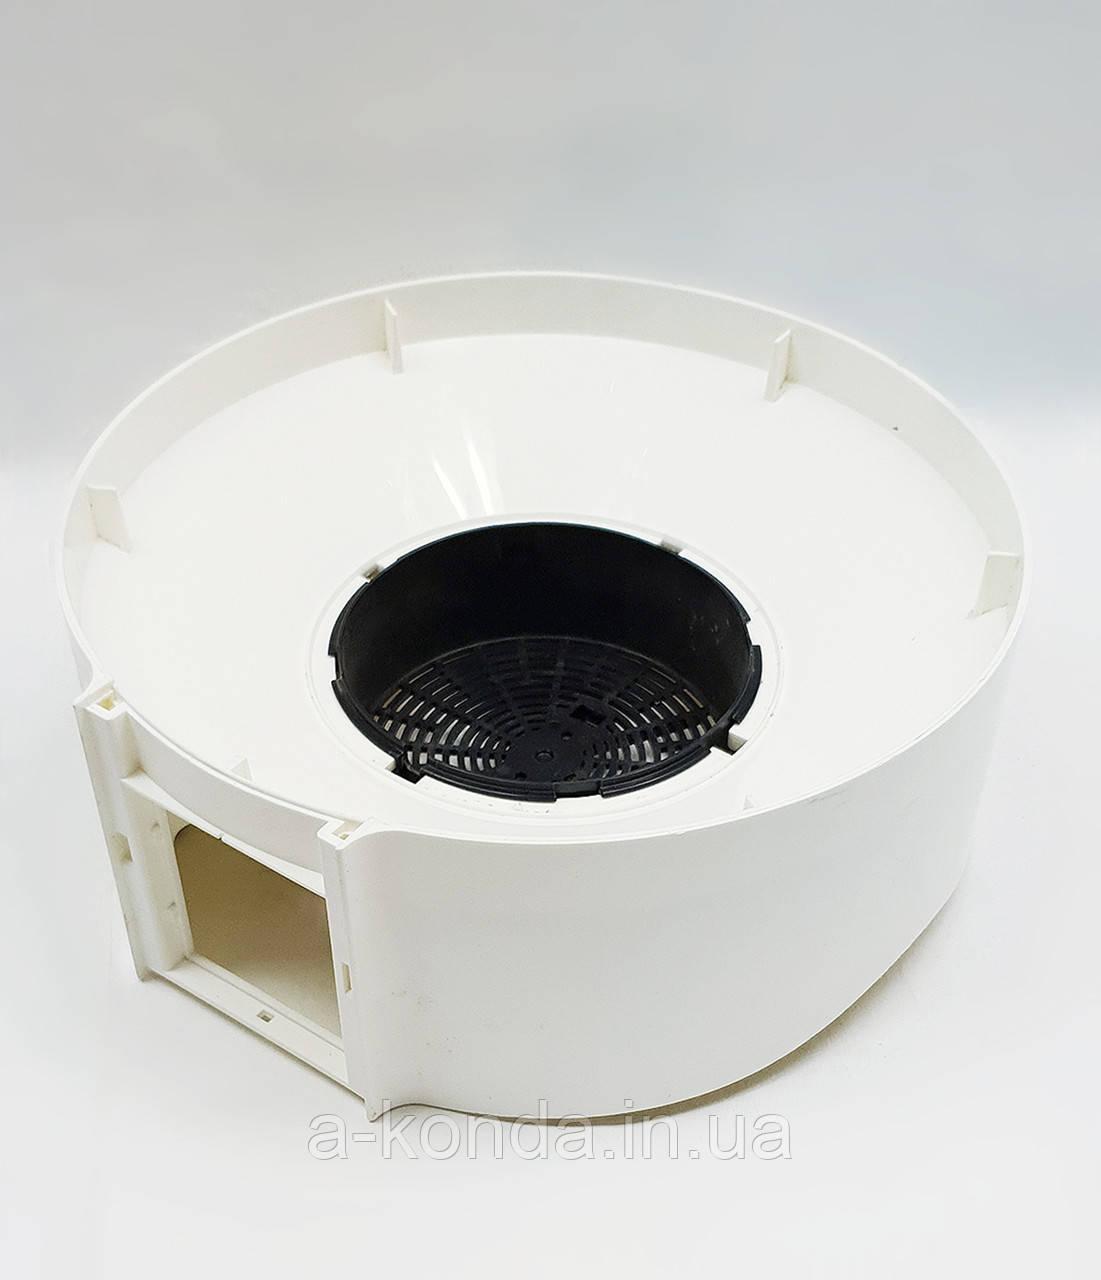 Корпус для овощесушилки Zelmer FD1000.002